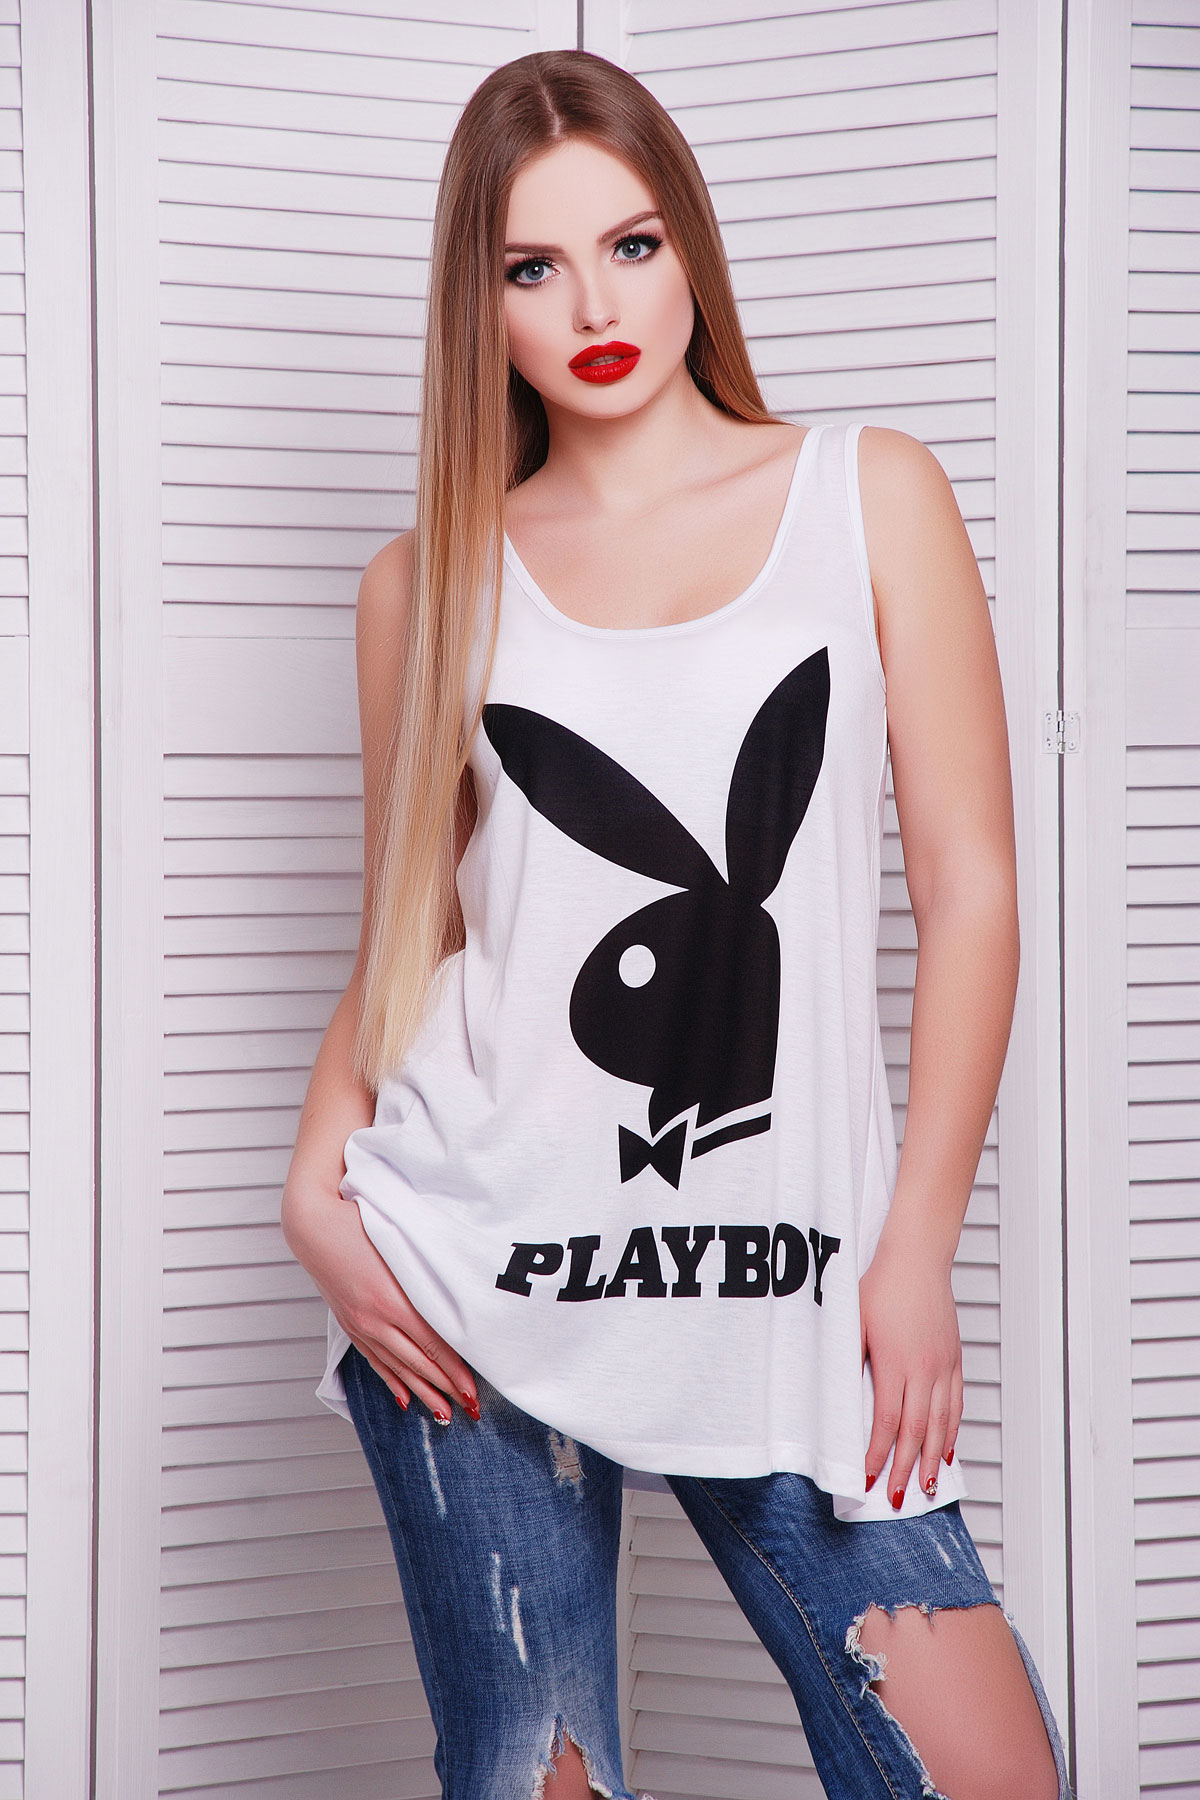 Playboyчерный майка Классик